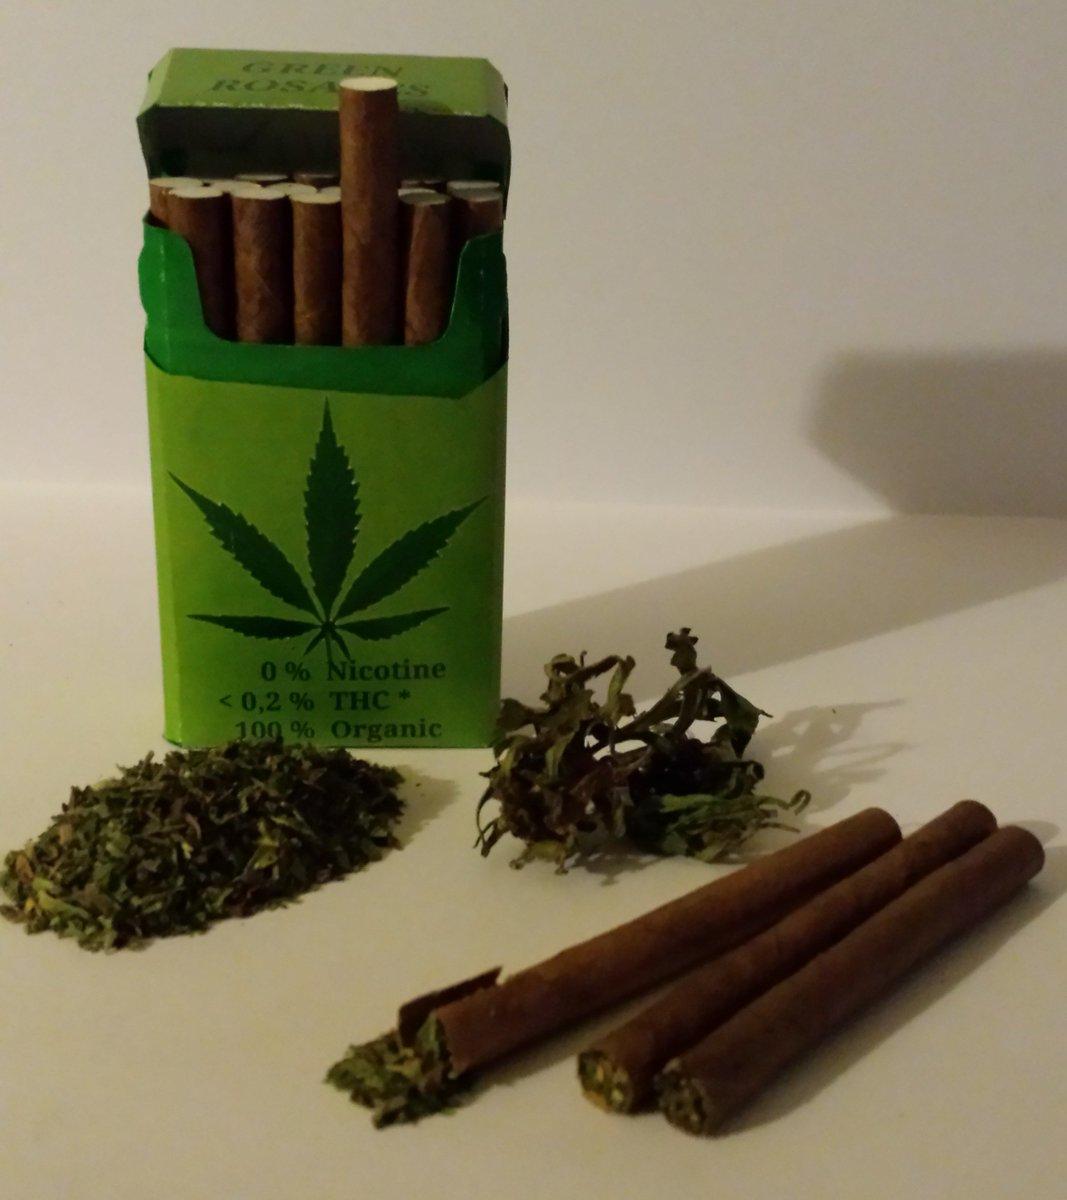 Как сделать самокрутку с марихуаной как сделать чтобы в моче не нашли марихуану